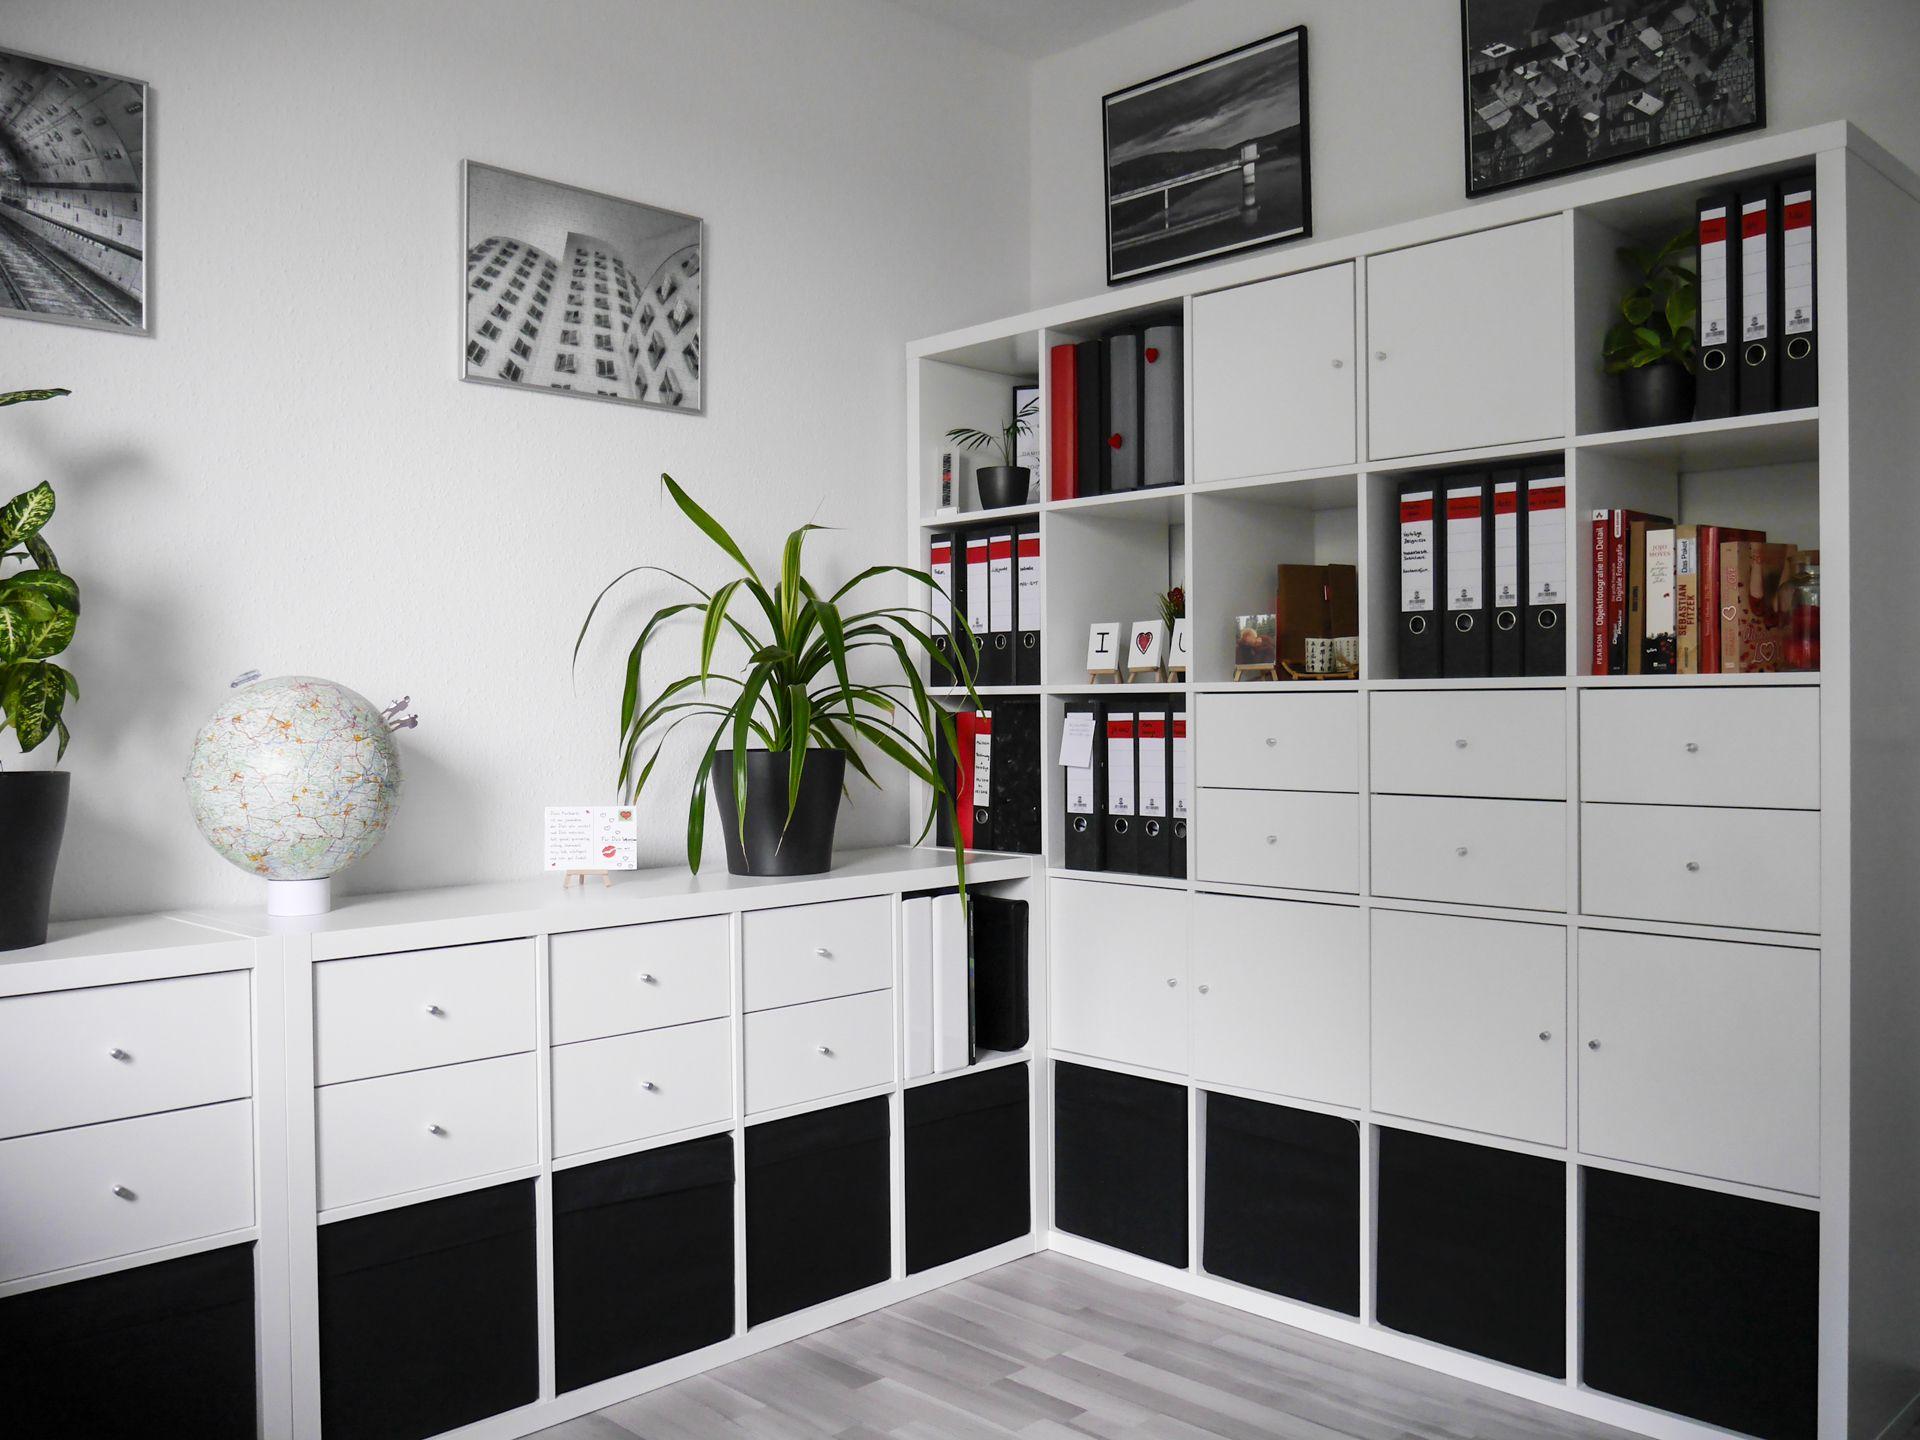 b ro einrichten kreative ideen zum nachmachen wohnen pinterest ikea kallax and office. Black Bedroom Furniture Sets. Home Design Ideas